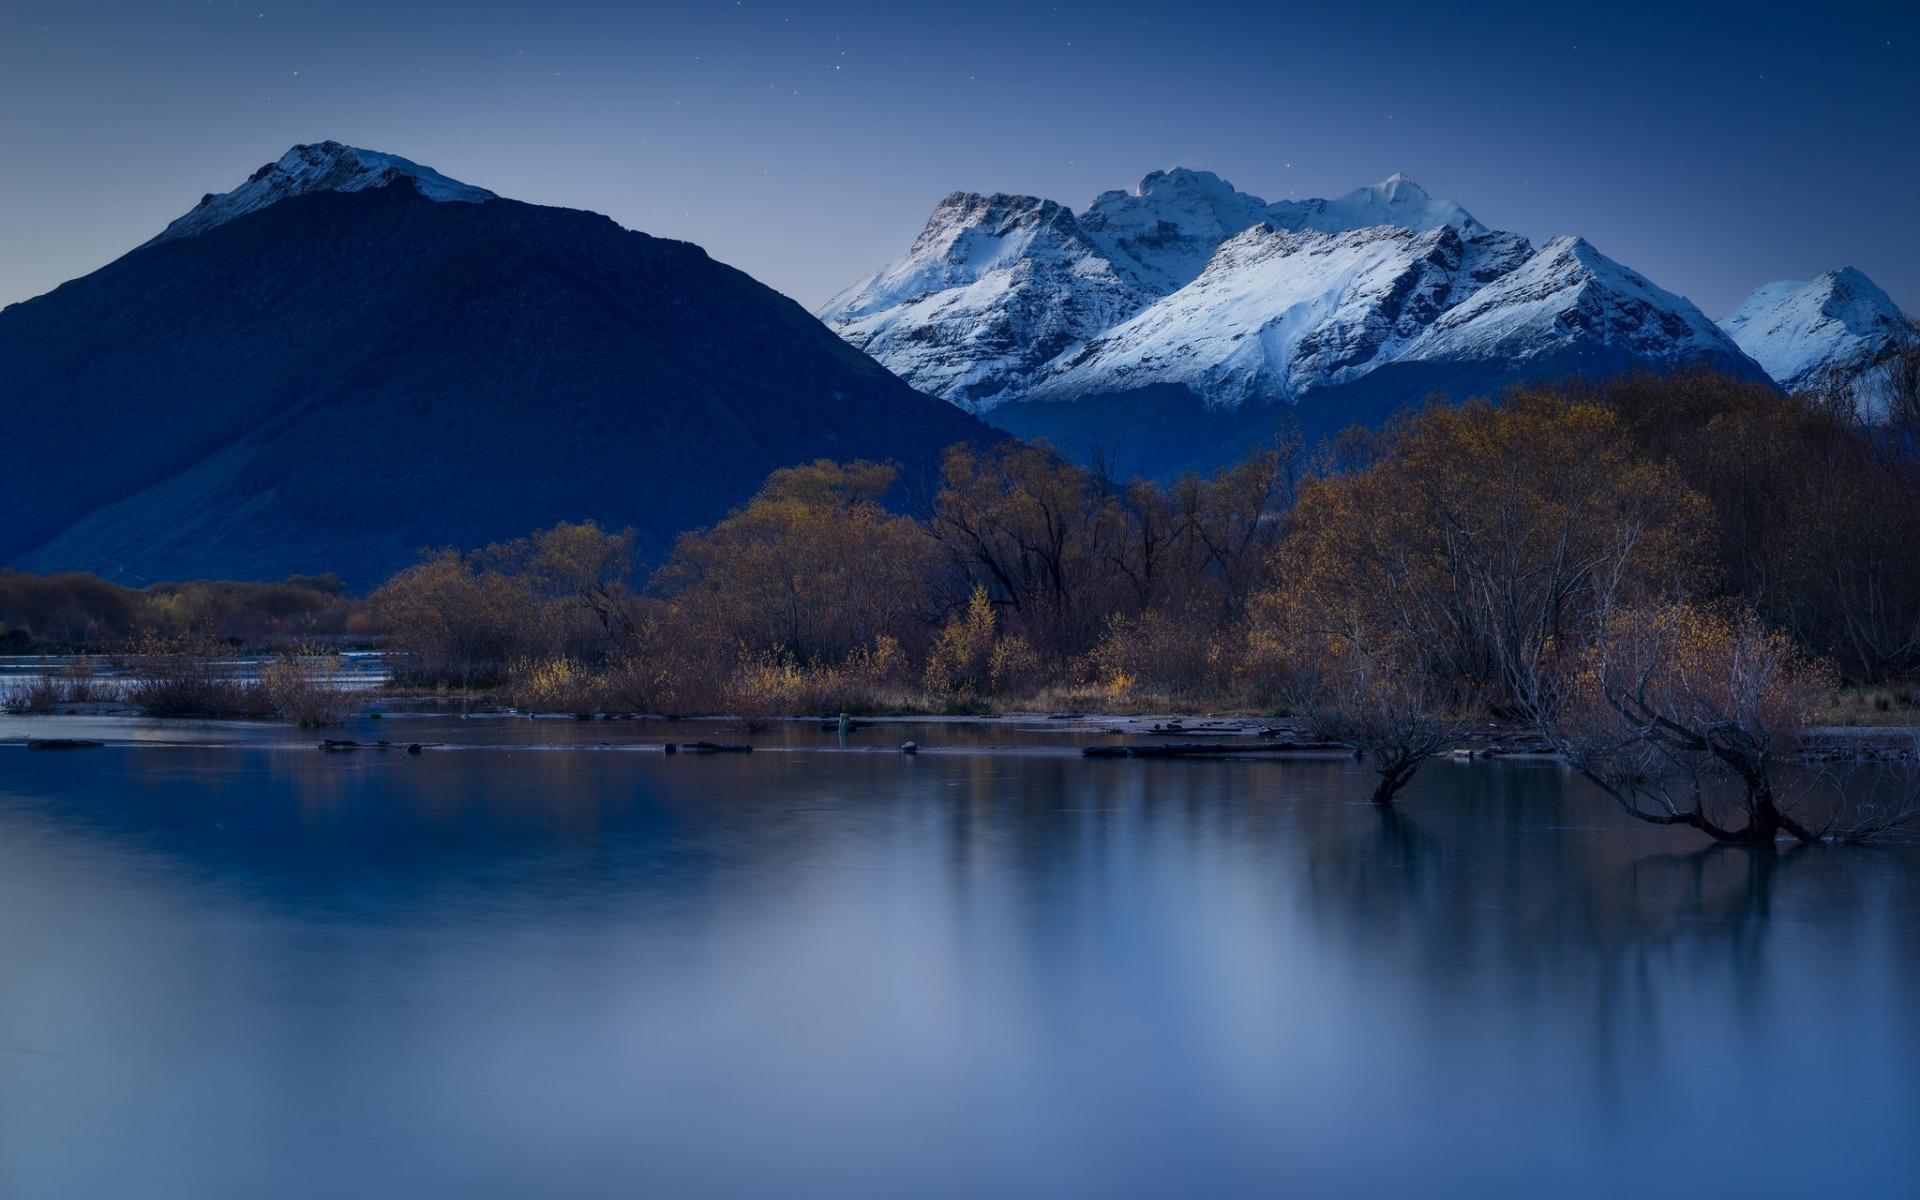 горы озеро деревья небо  № 3234839 загрузить